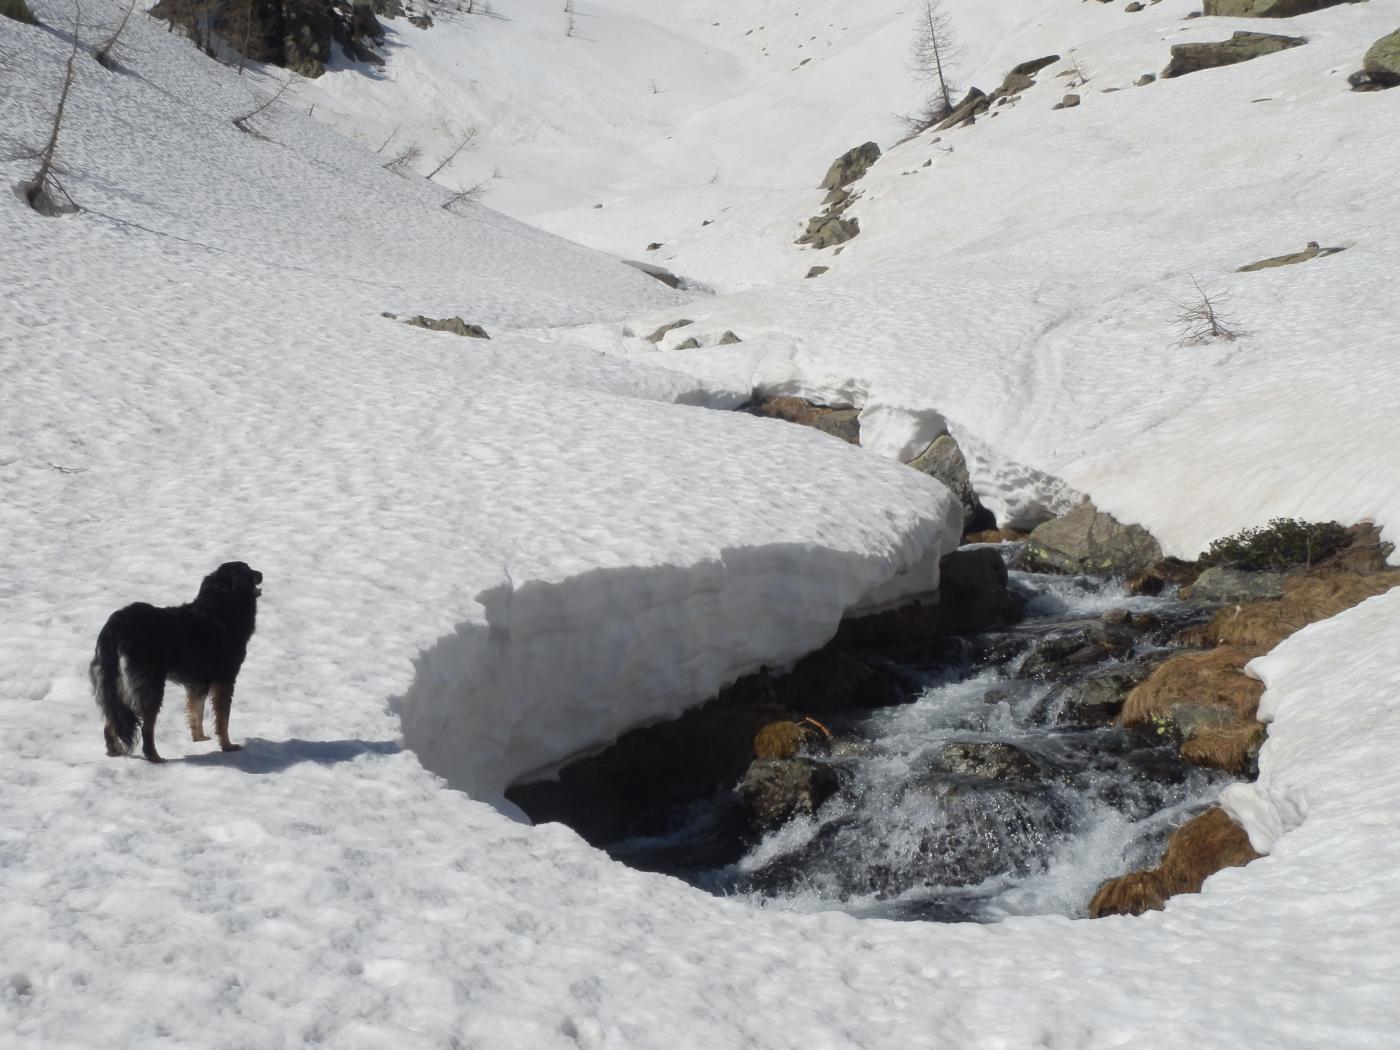 Pucci si appresta a fare una valutazione zampometrica dello spessore della neve...